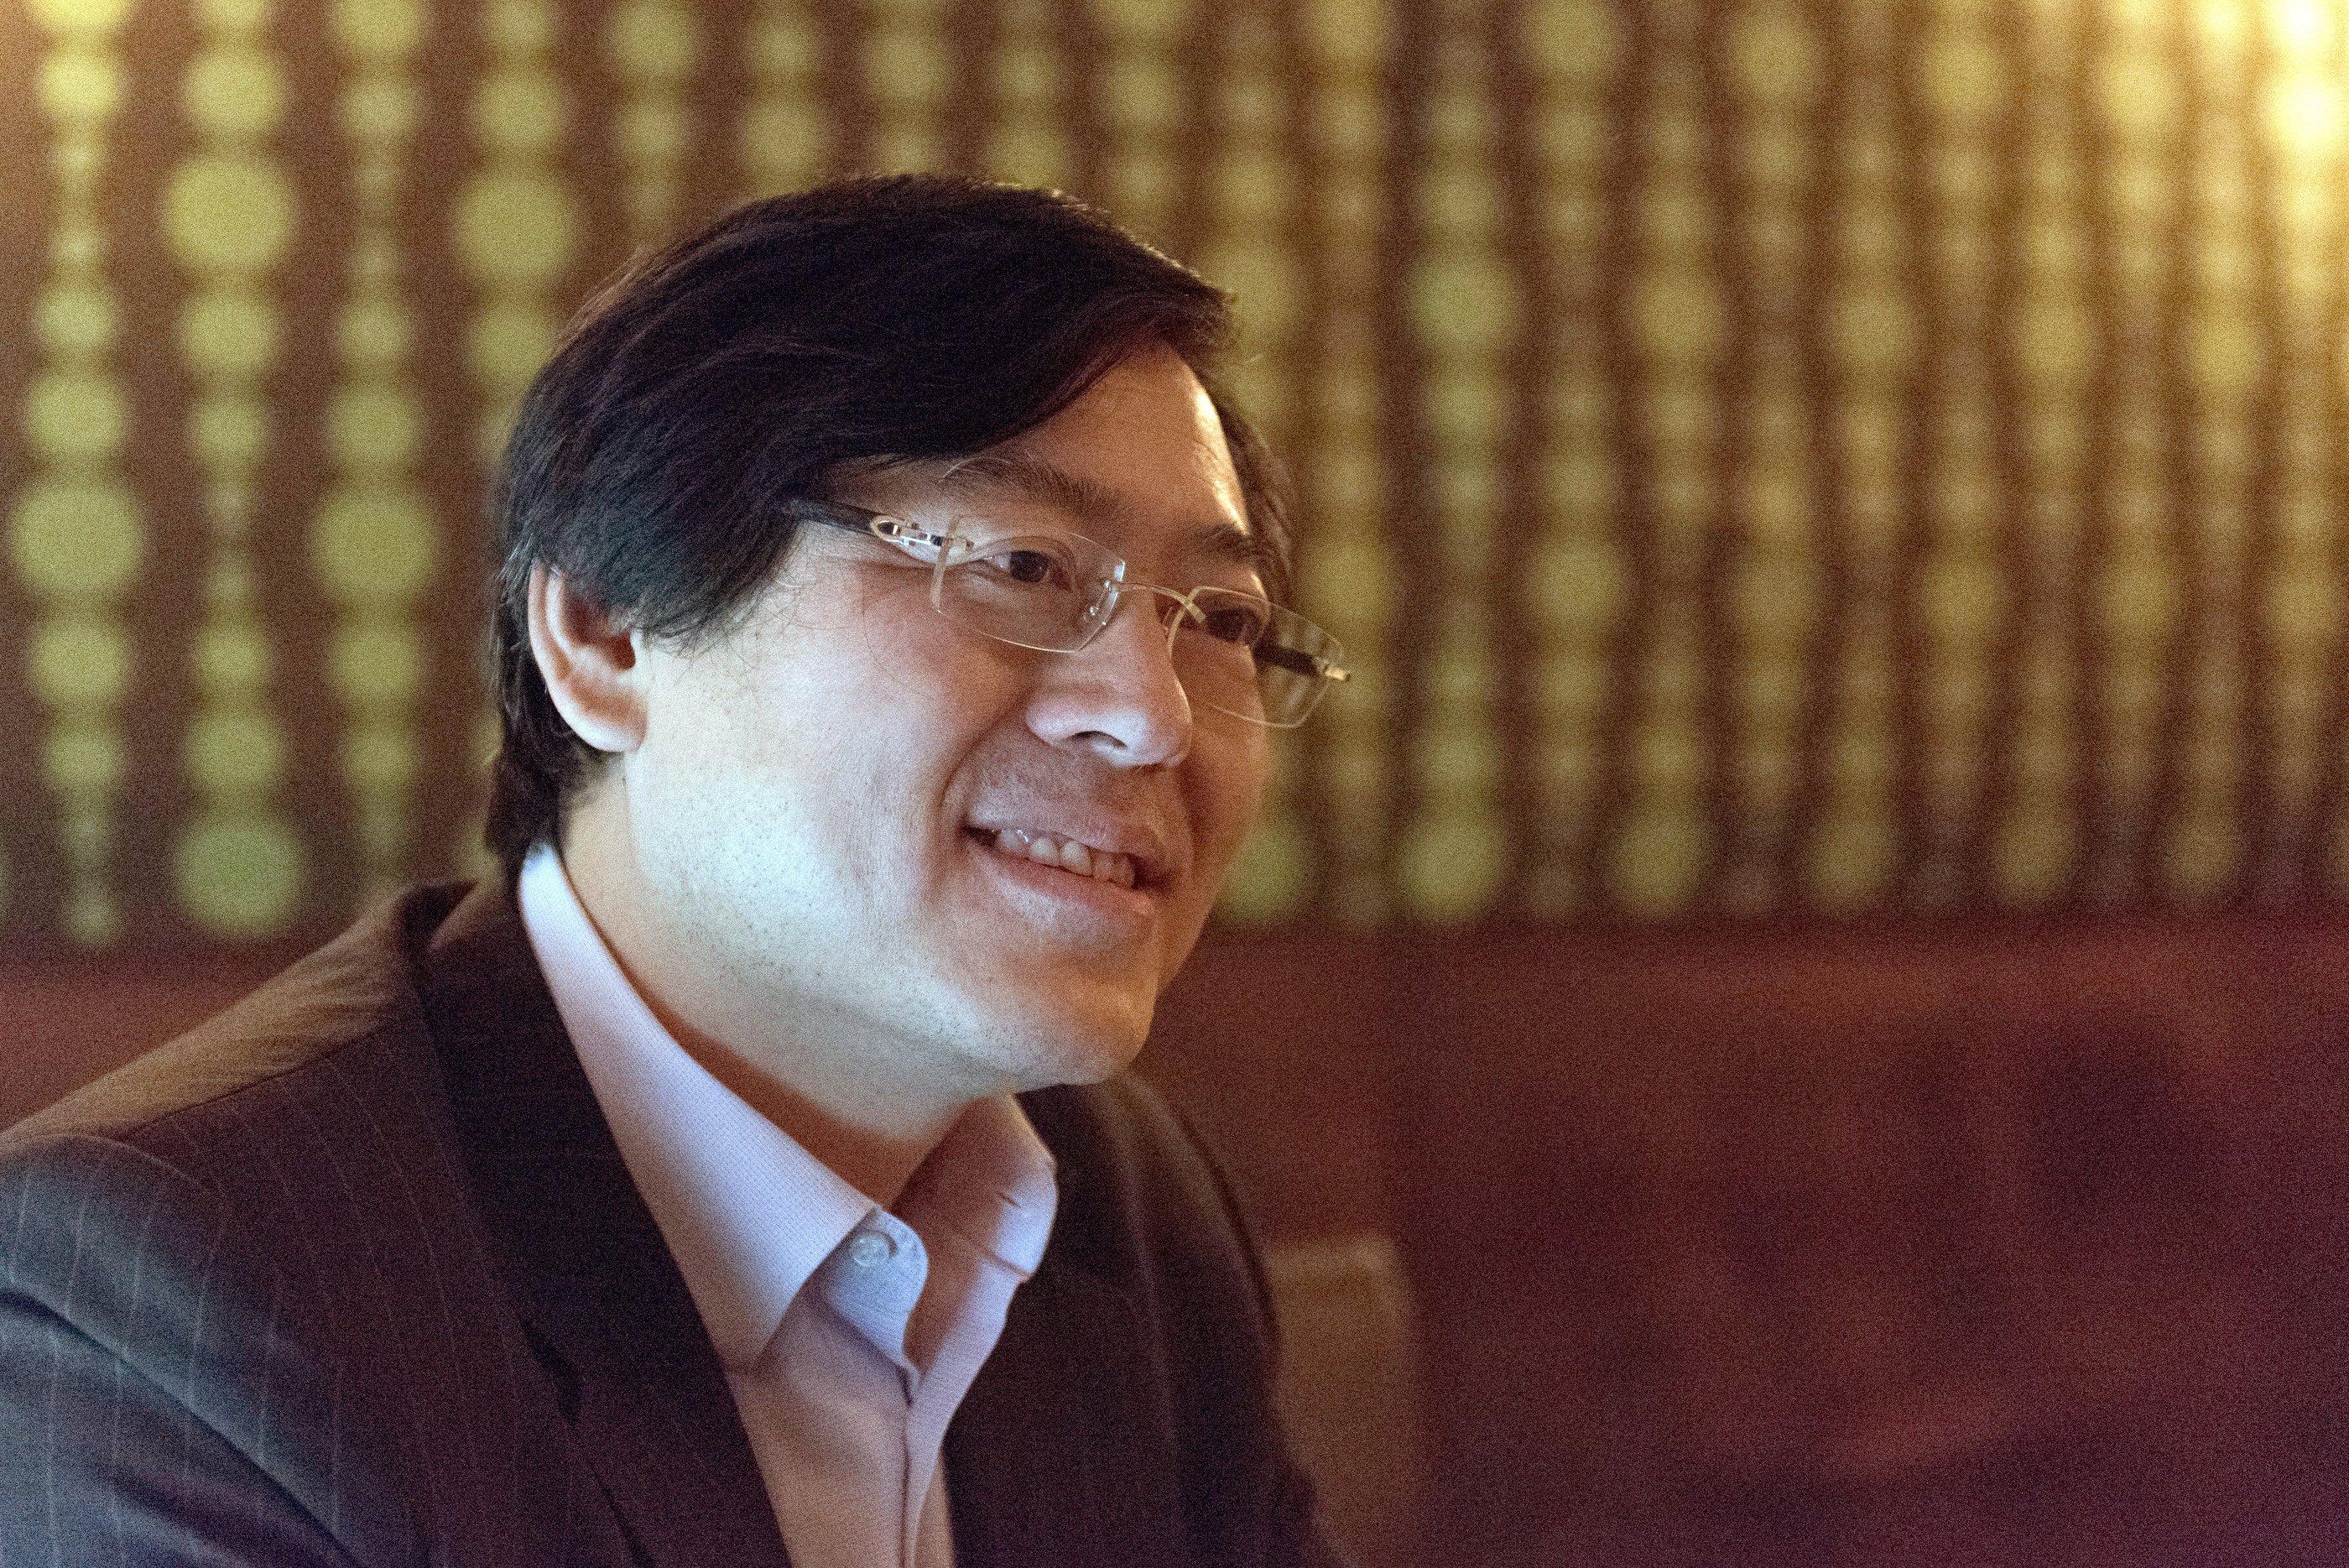 Lenovo-Chef Yang Yuanqing ist gar nicht damit einverstanden, dass Microsoft seinen Kunden das Update auf Windows 10 praktisch aufzwingt. Lenovo ist immerhin der größte Computerhersteller der Welt.